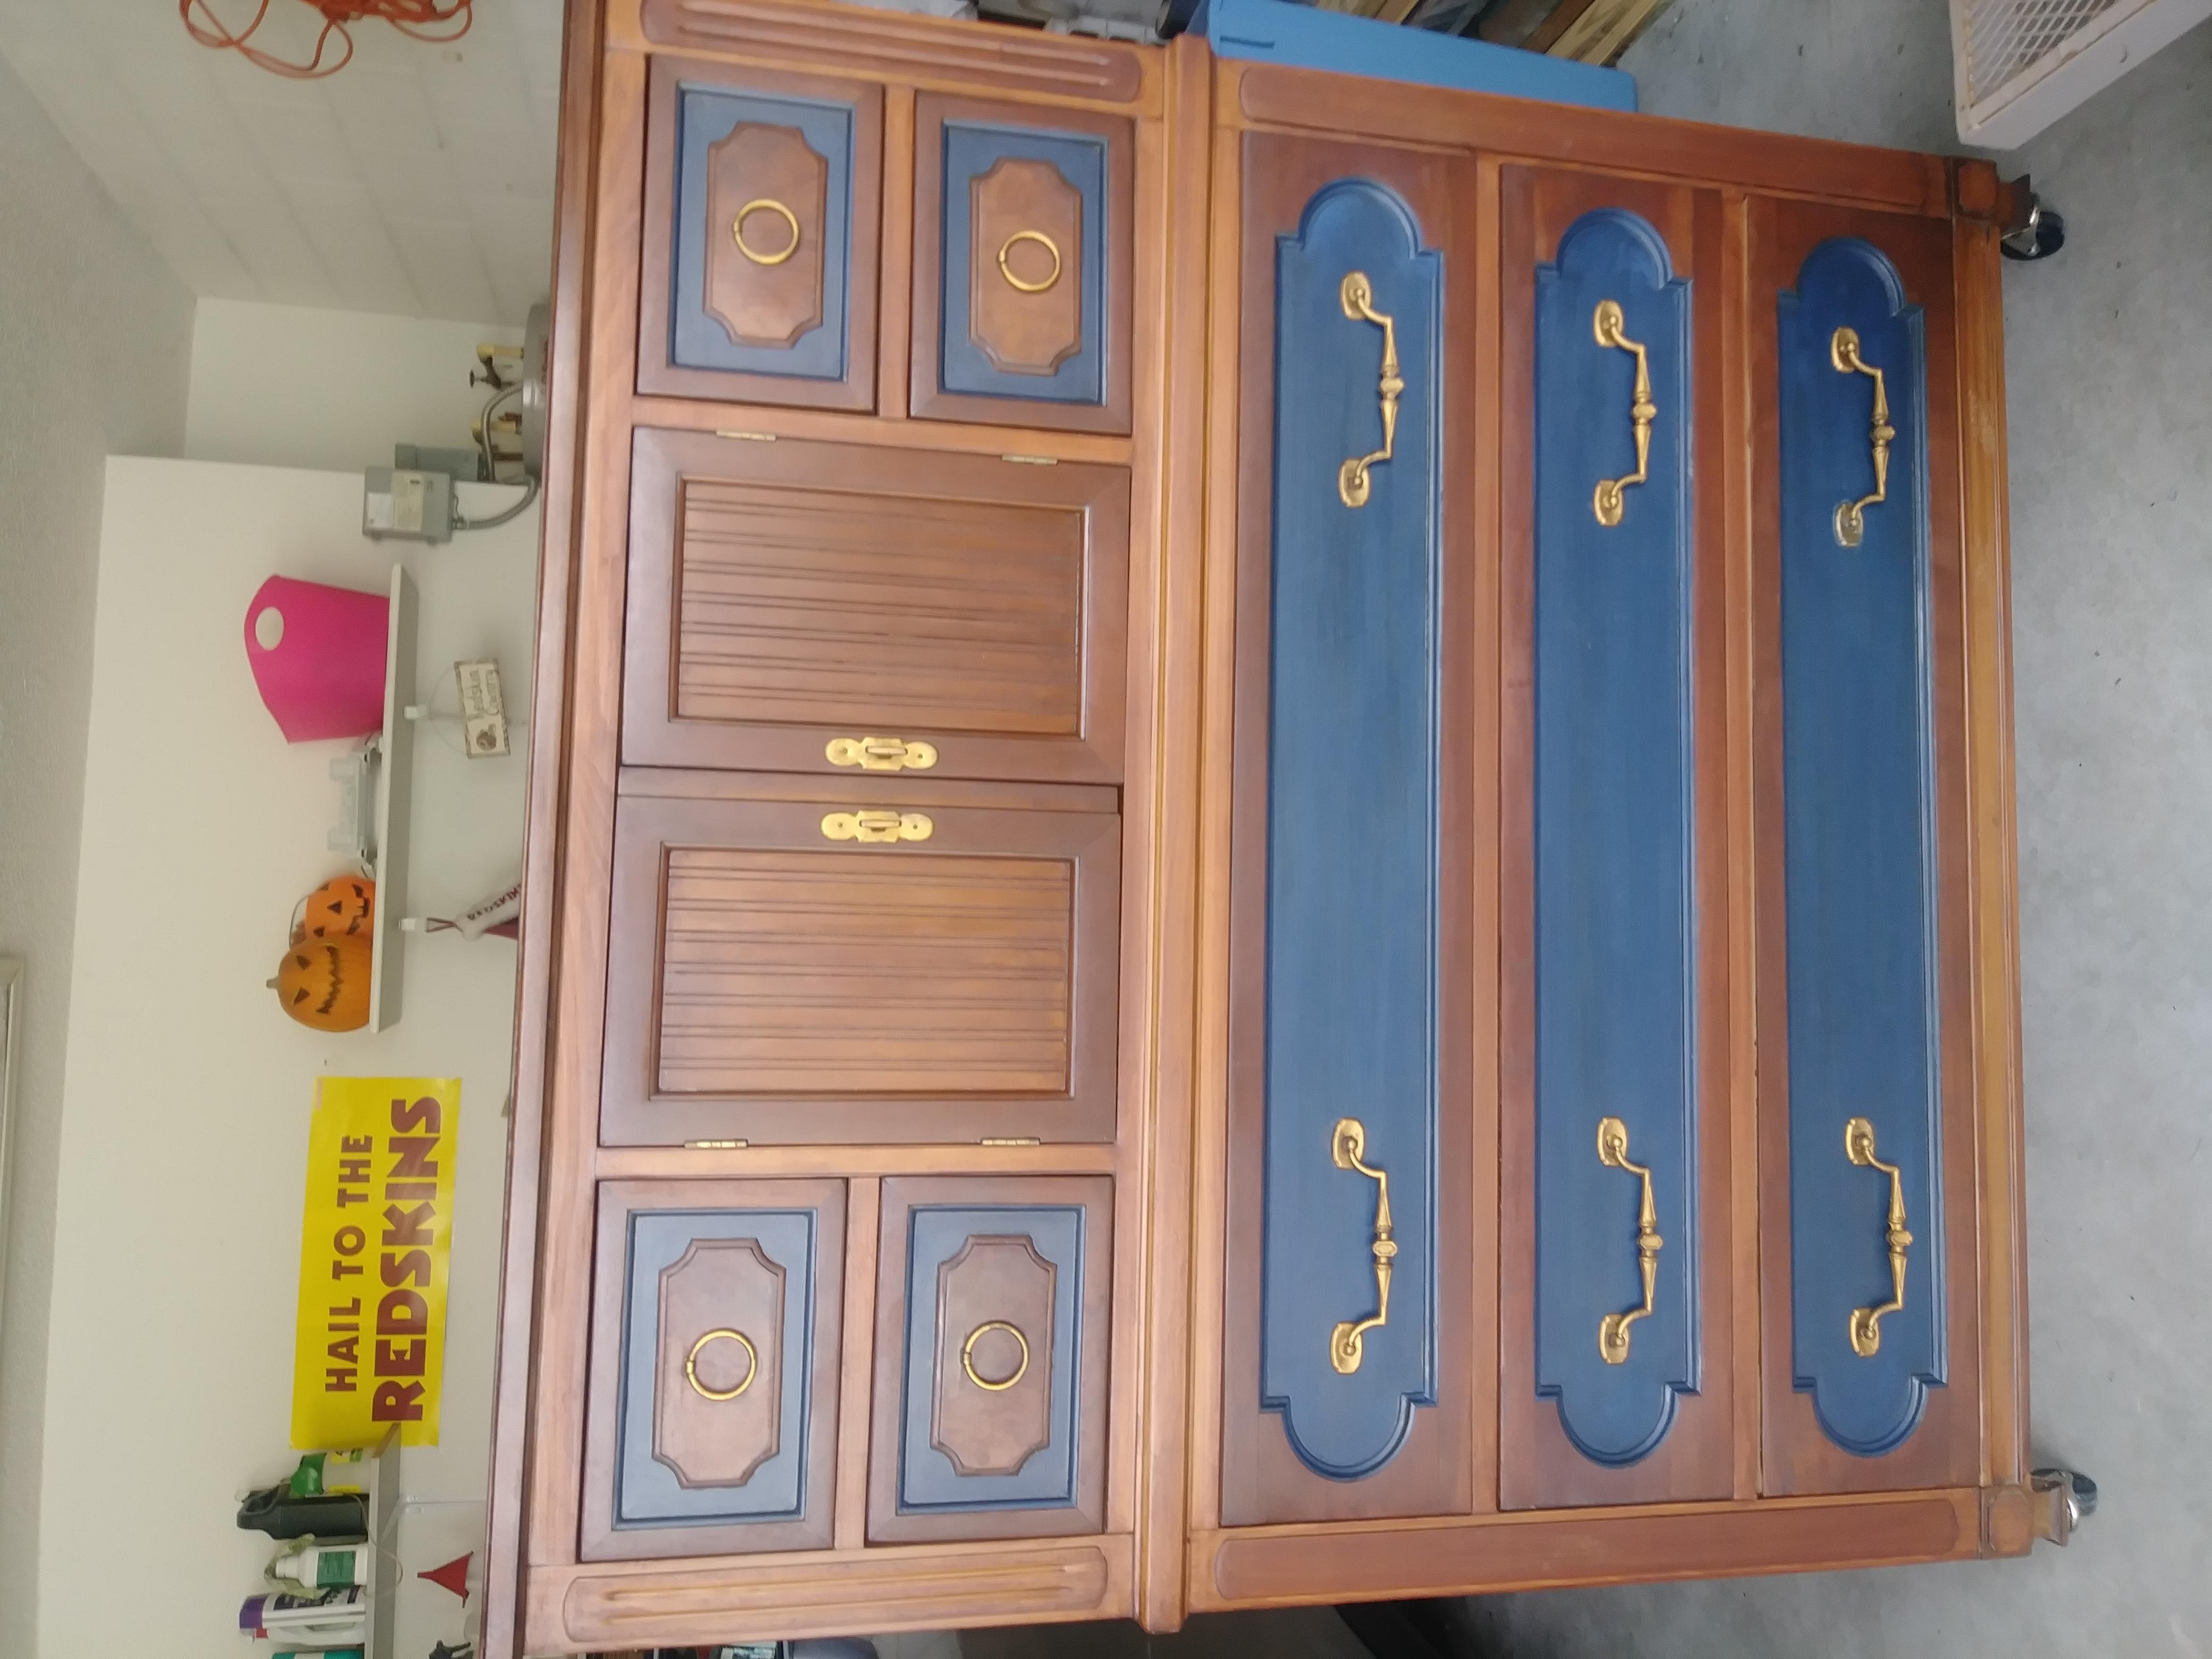 1920 solid oak dresser. Totally refinished